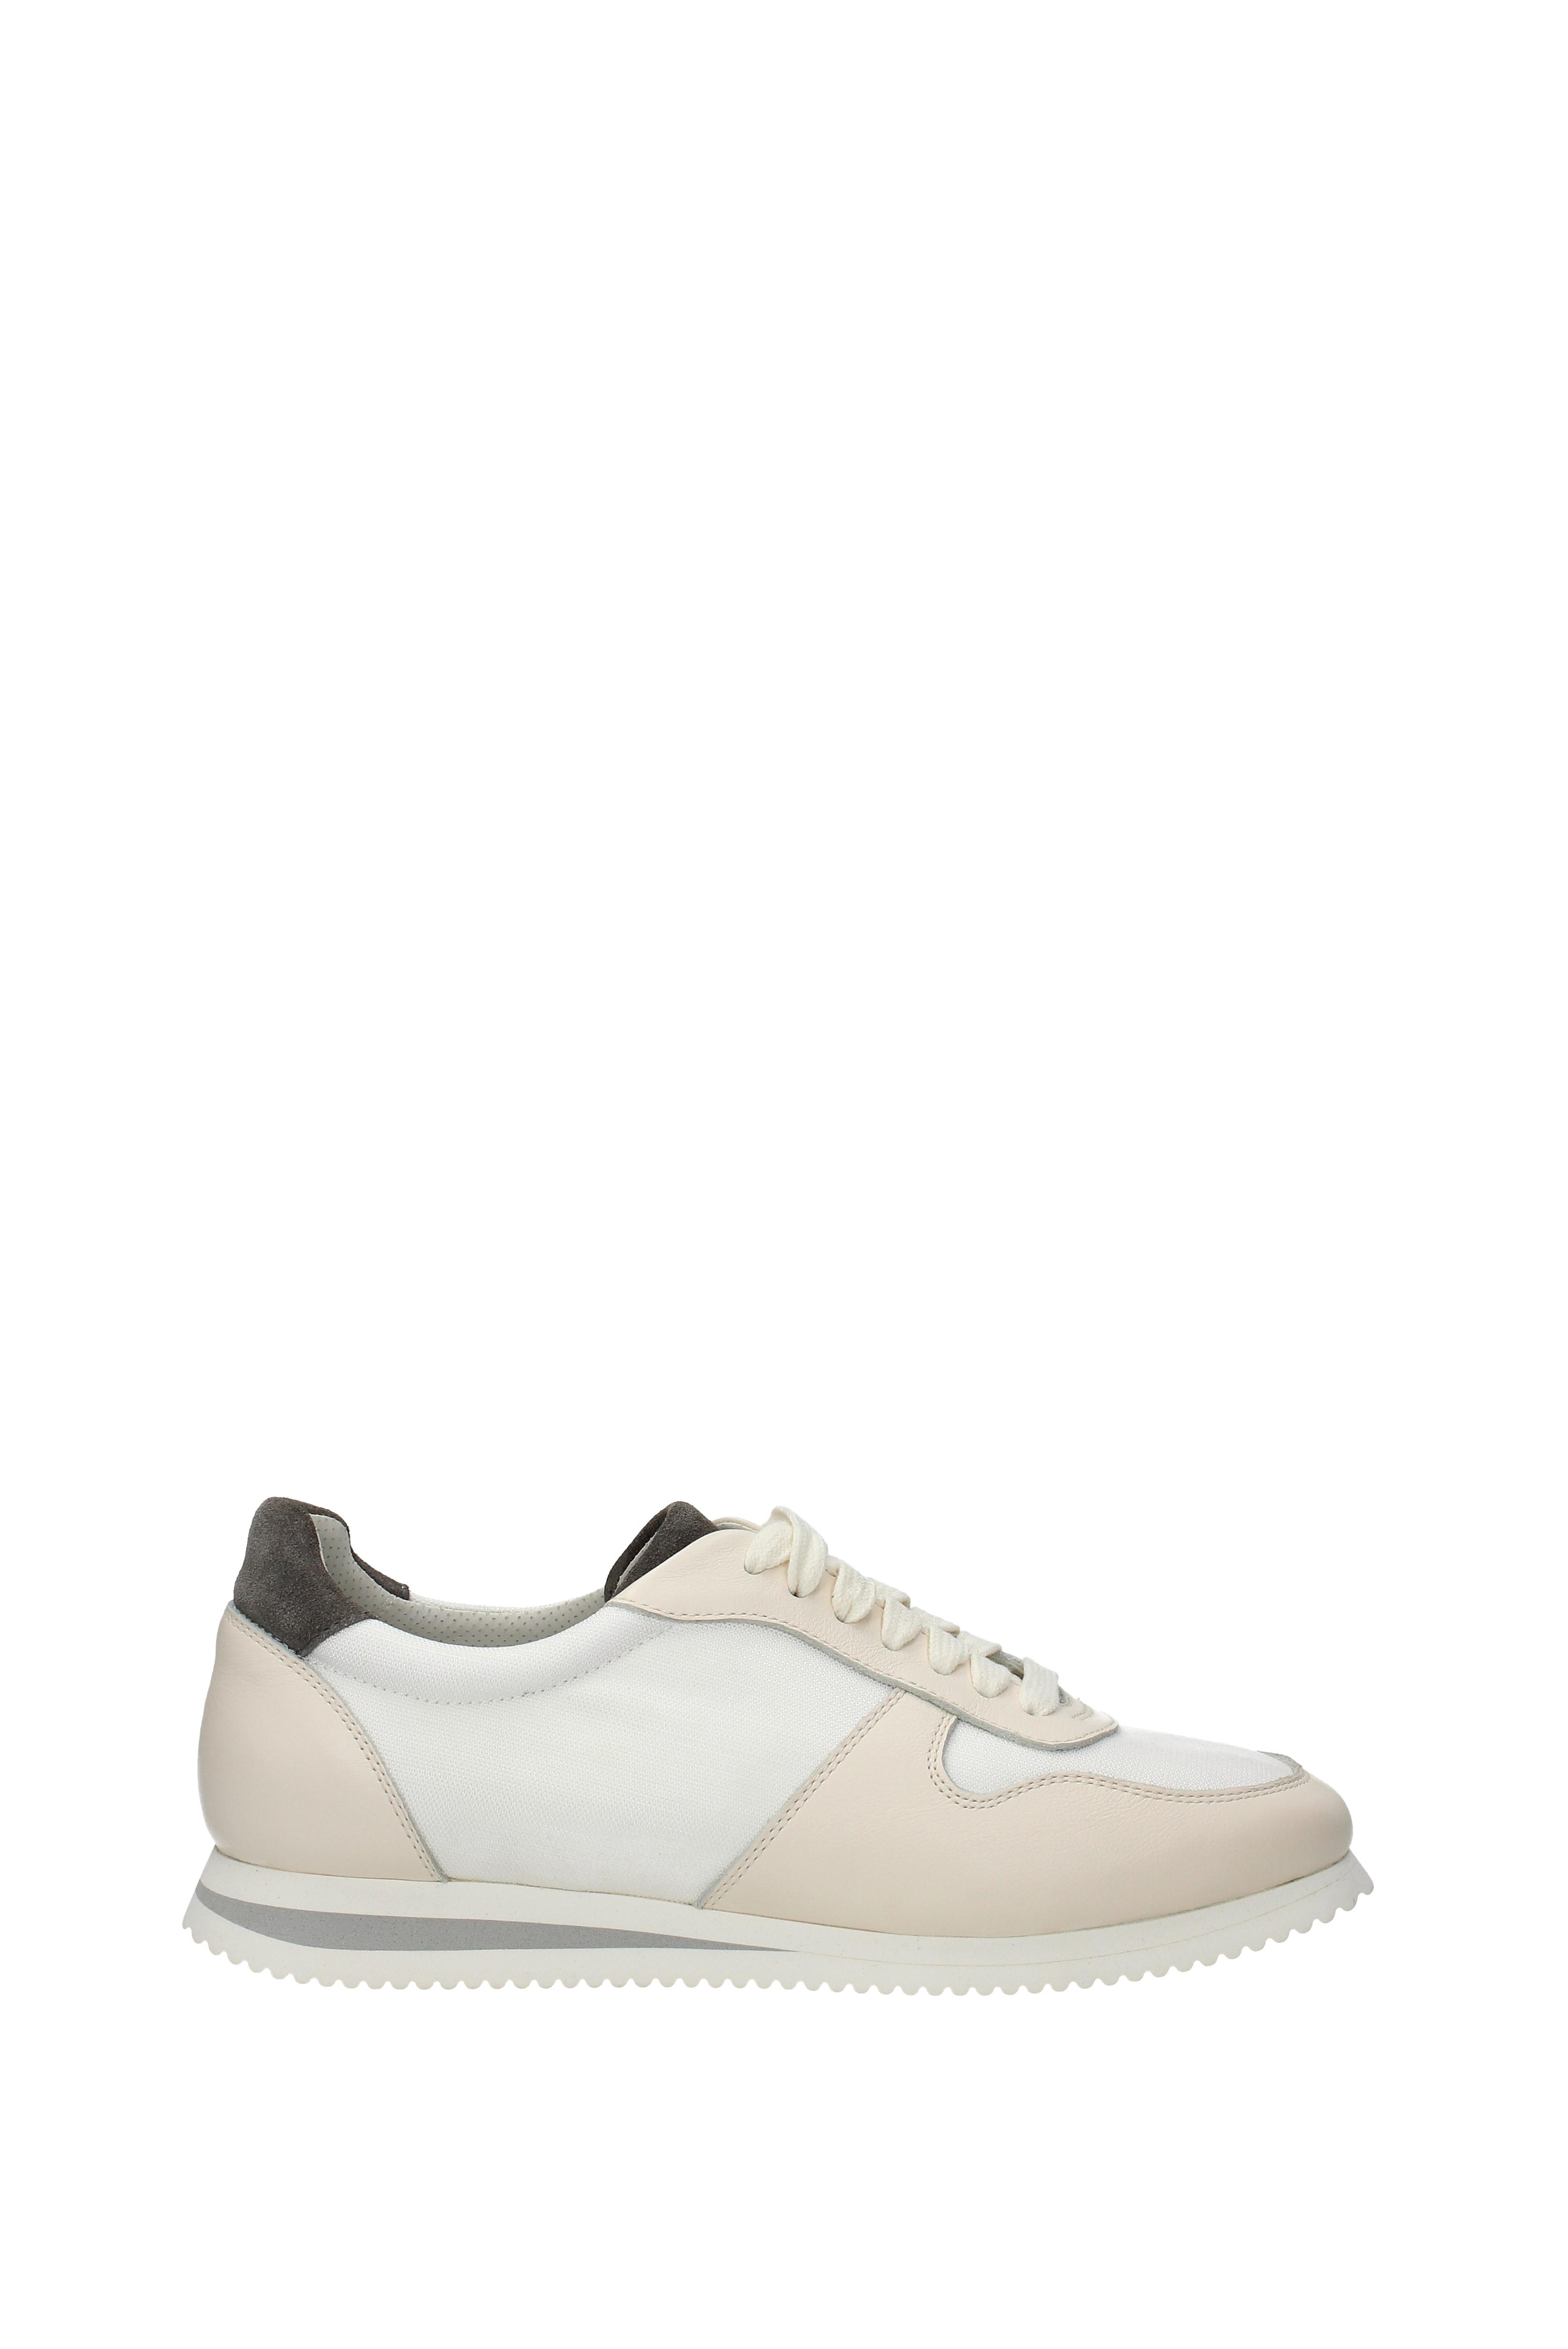 Sneakers Leder Brunello Cucinelli Damen - Leder Sneakers (MZUHTST215) 70eb63